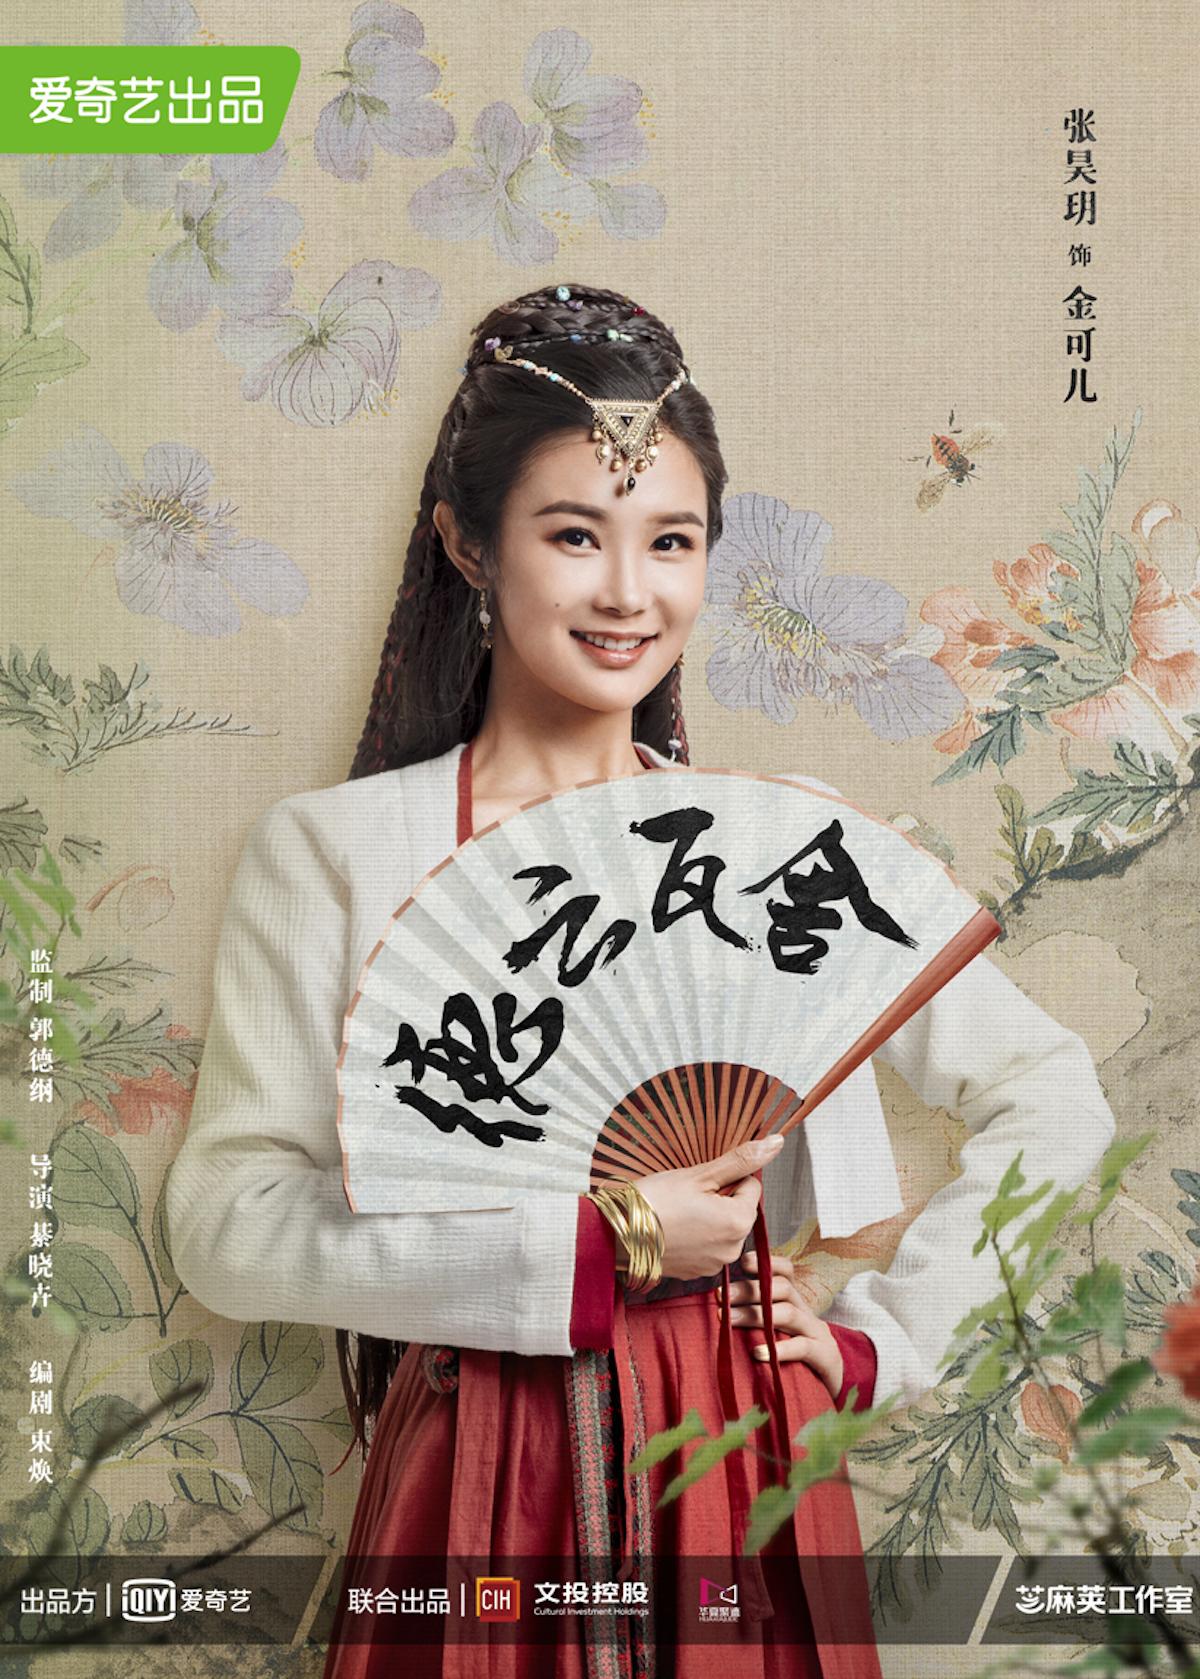 张昊玥新剧《德云瓦舍》开机 阵容实强爆款预定